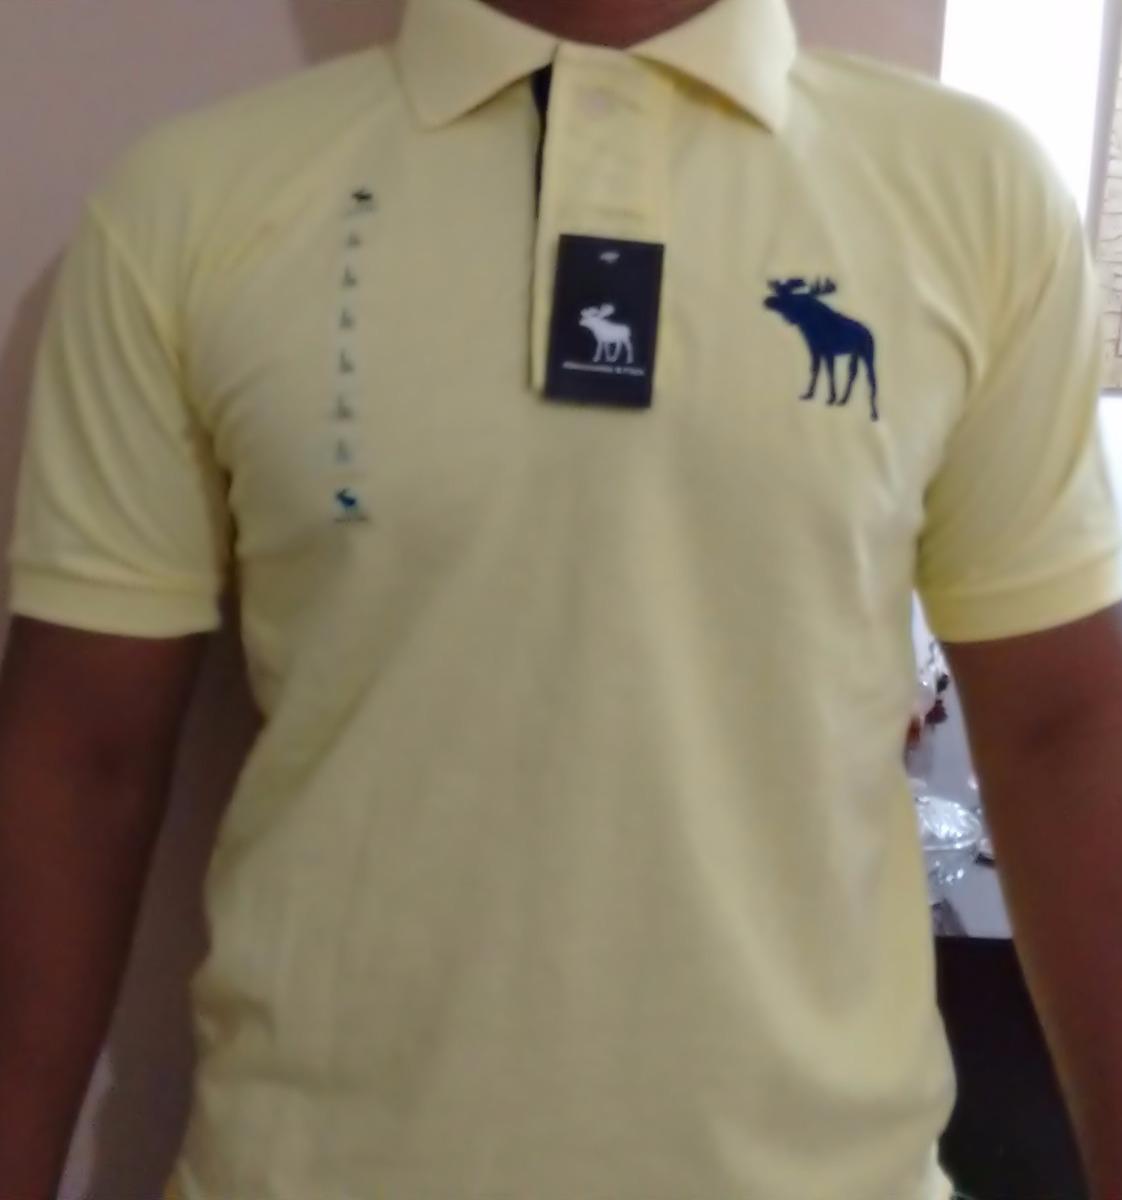 kit 3 camisas polo abercrombie and fitch originais. Carregando zoom. c45c3c7e50072